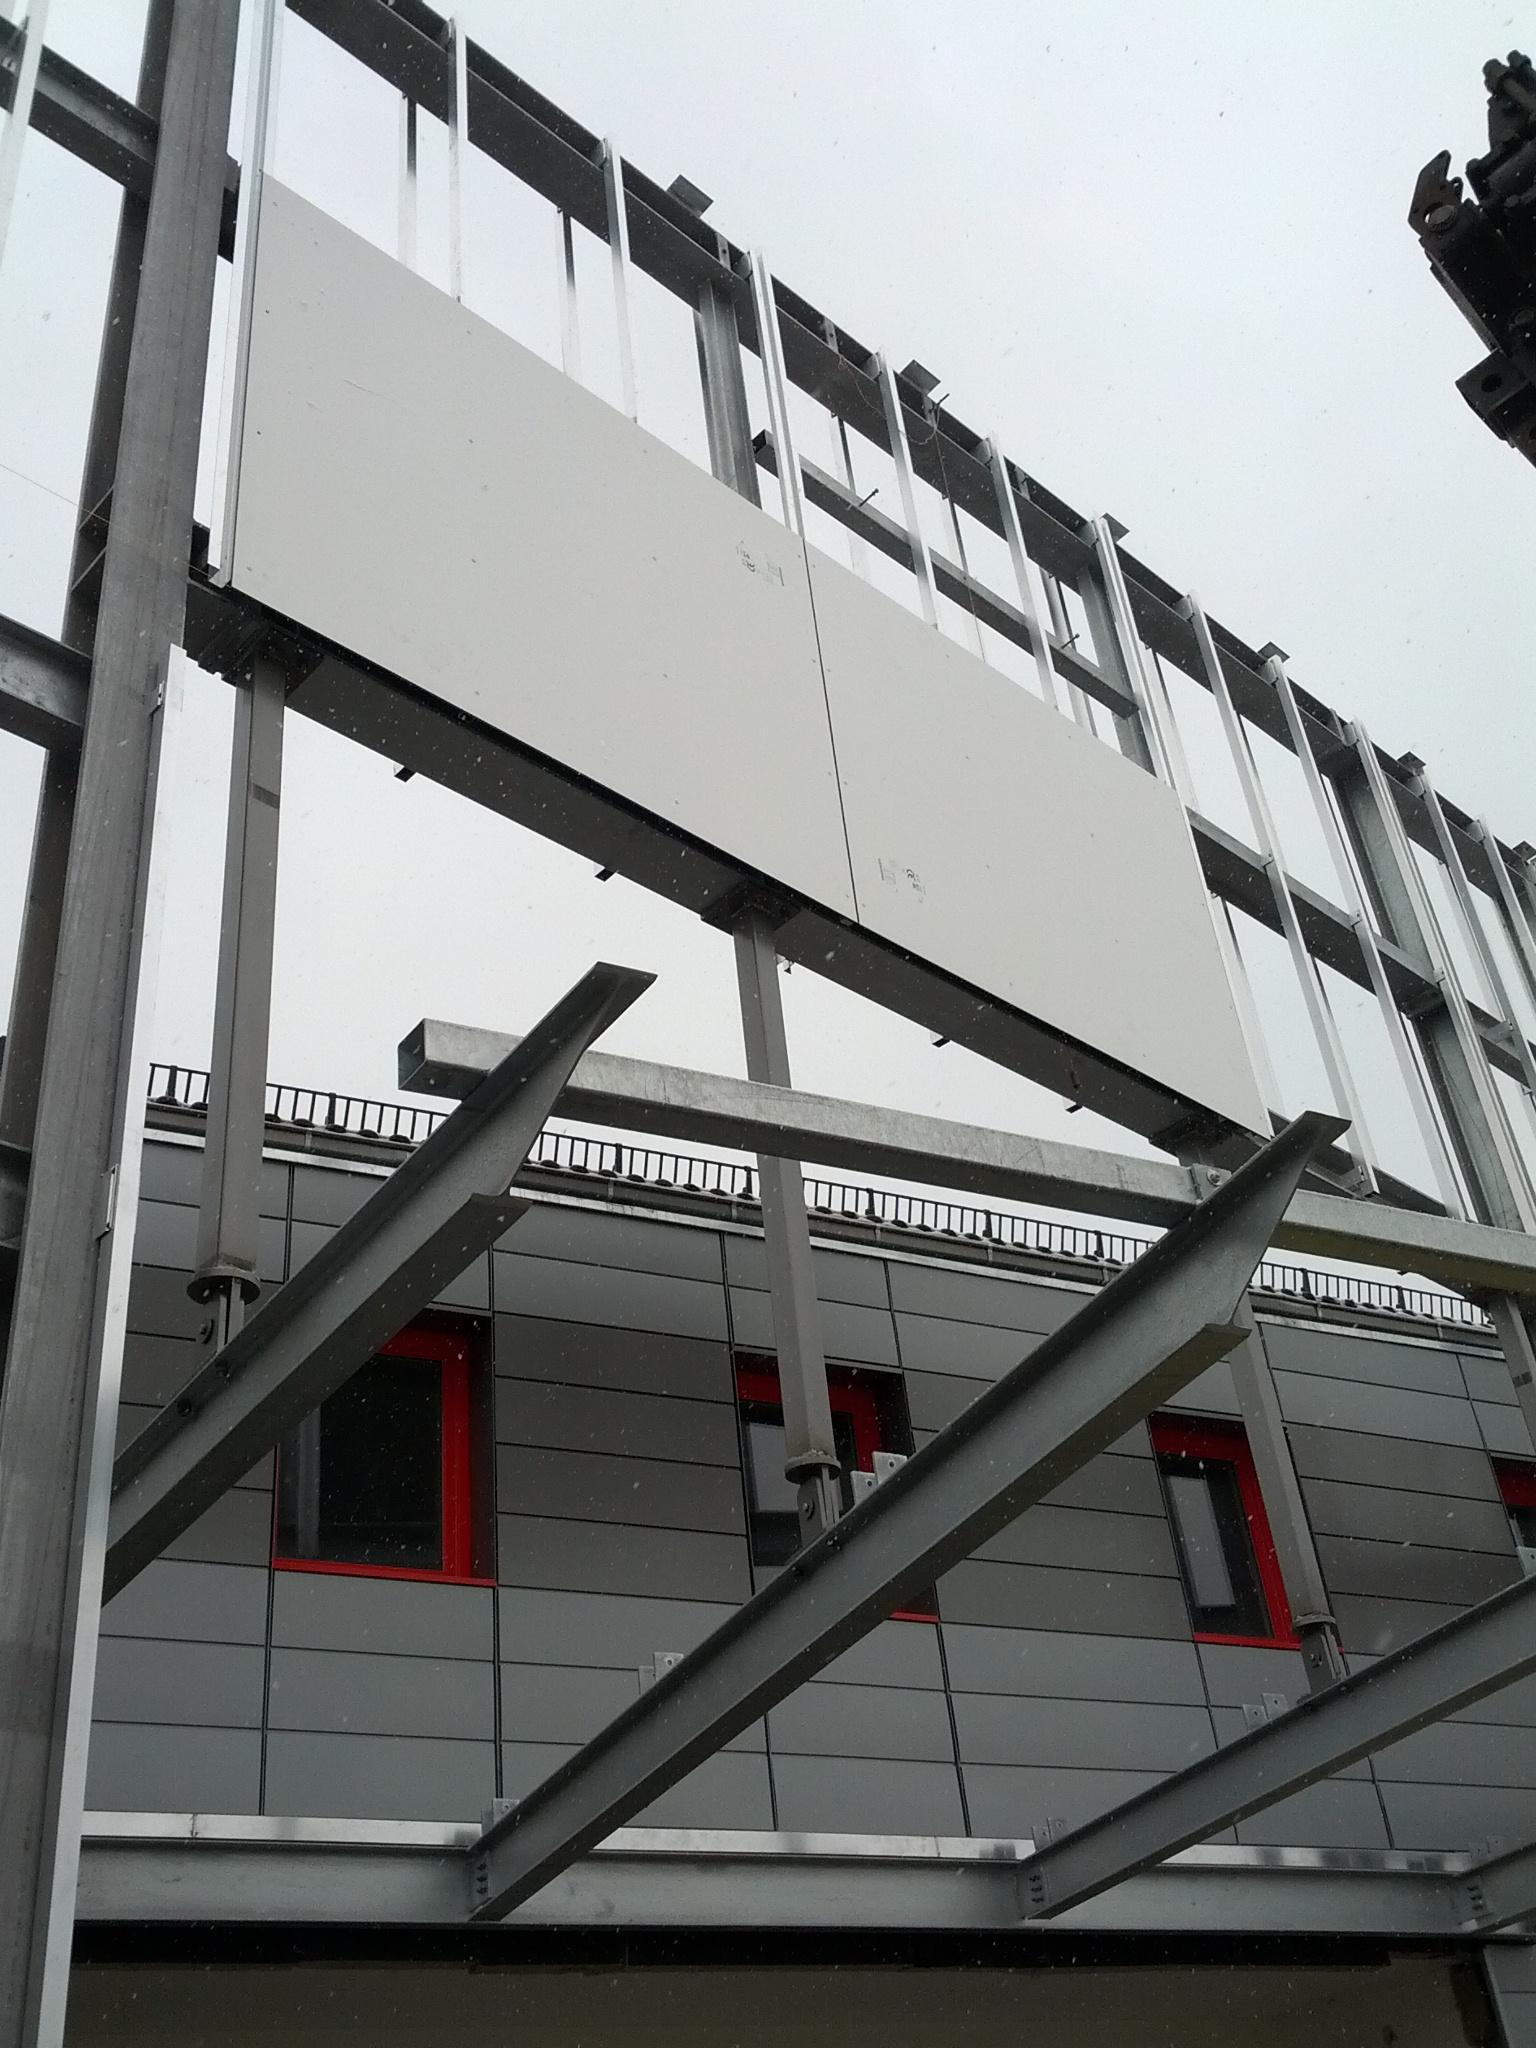 Galerie Hagebaumarkt Schwandorf Bild 3